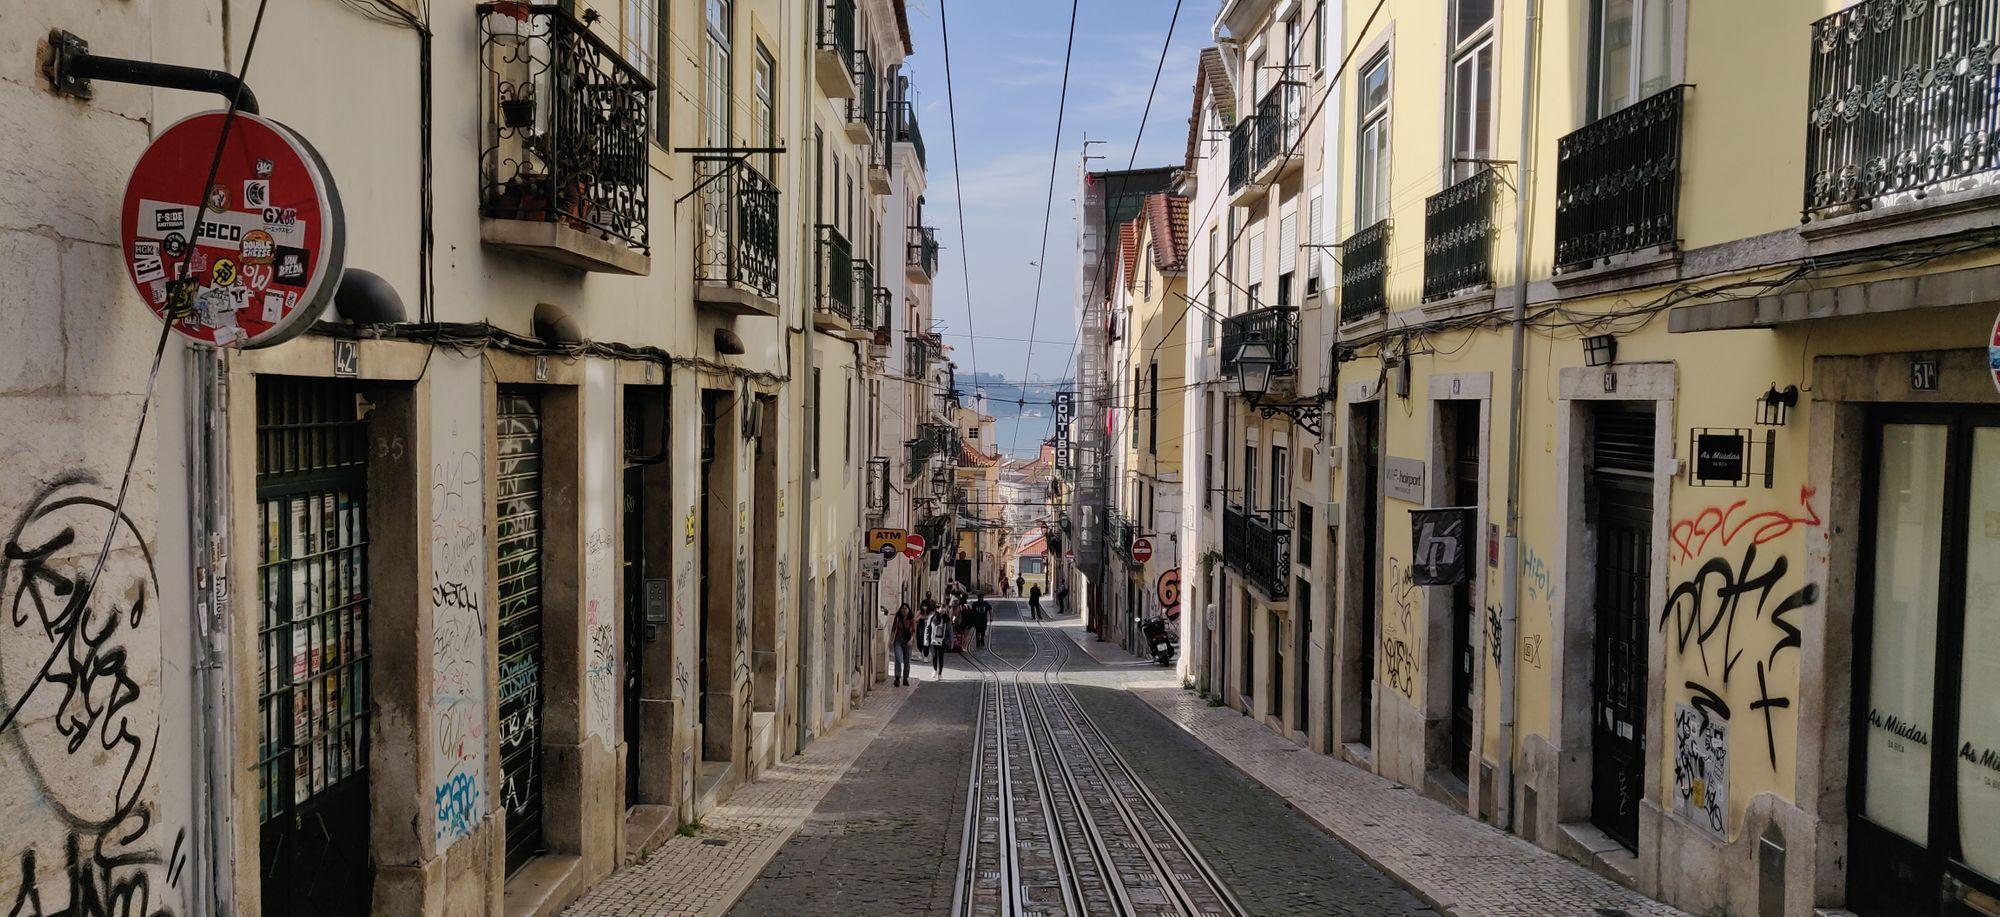 La descente d'une rue avec deux lignes de tramway sur les pavés